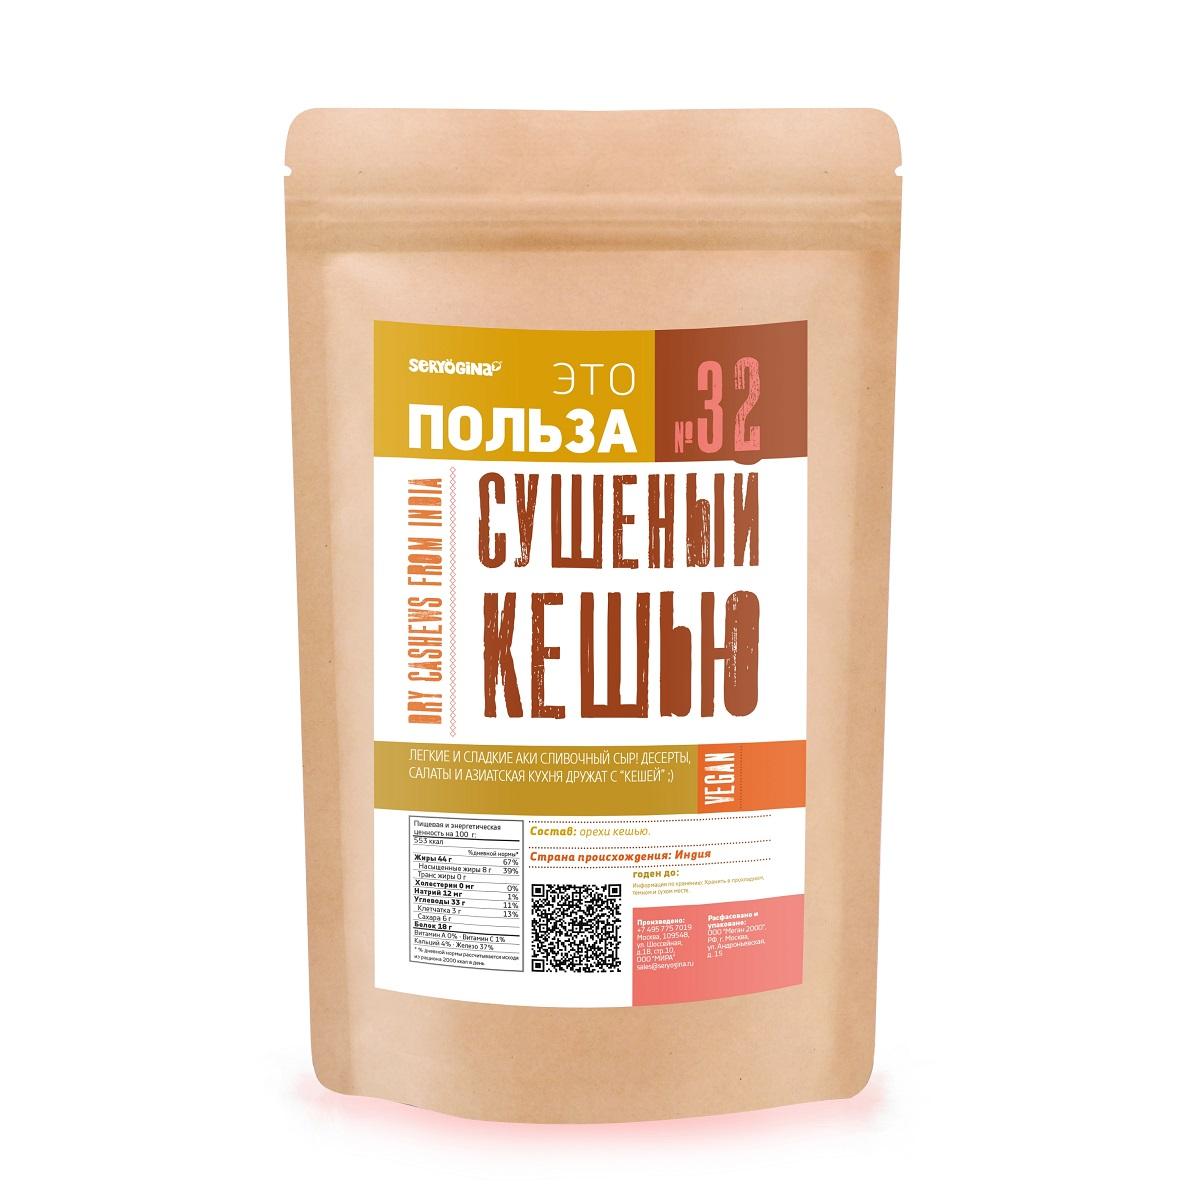 Seryogina Кешью нежареный сушеный, 1500 г0120710Кешью используется в диетическом питании, а еще укрепляет сердечную мышцу (благодаря высокому содержанию калия). Для приготовления кремов и начинок для сыроедческих десертов. И просто как здоровый фаст-фуд и снеки.